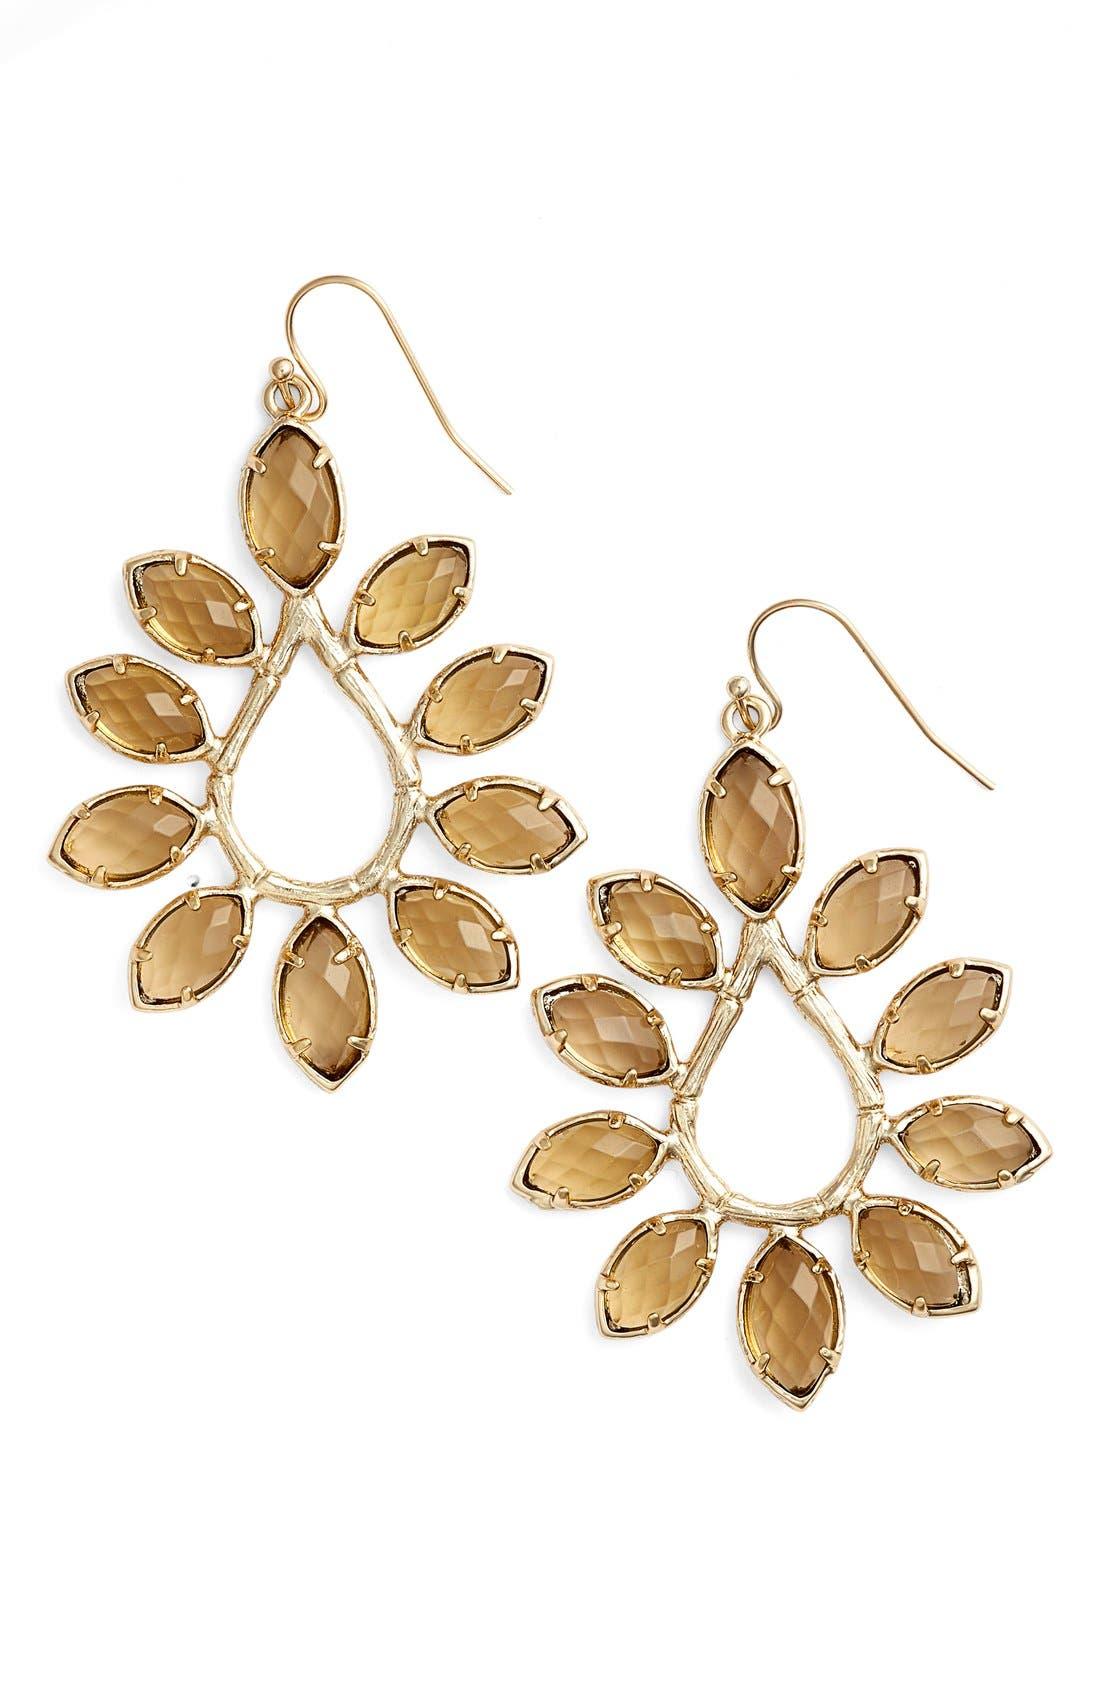 Main Image - Kendra Scott 'Nyla' Large Teardrop Floral Earrings